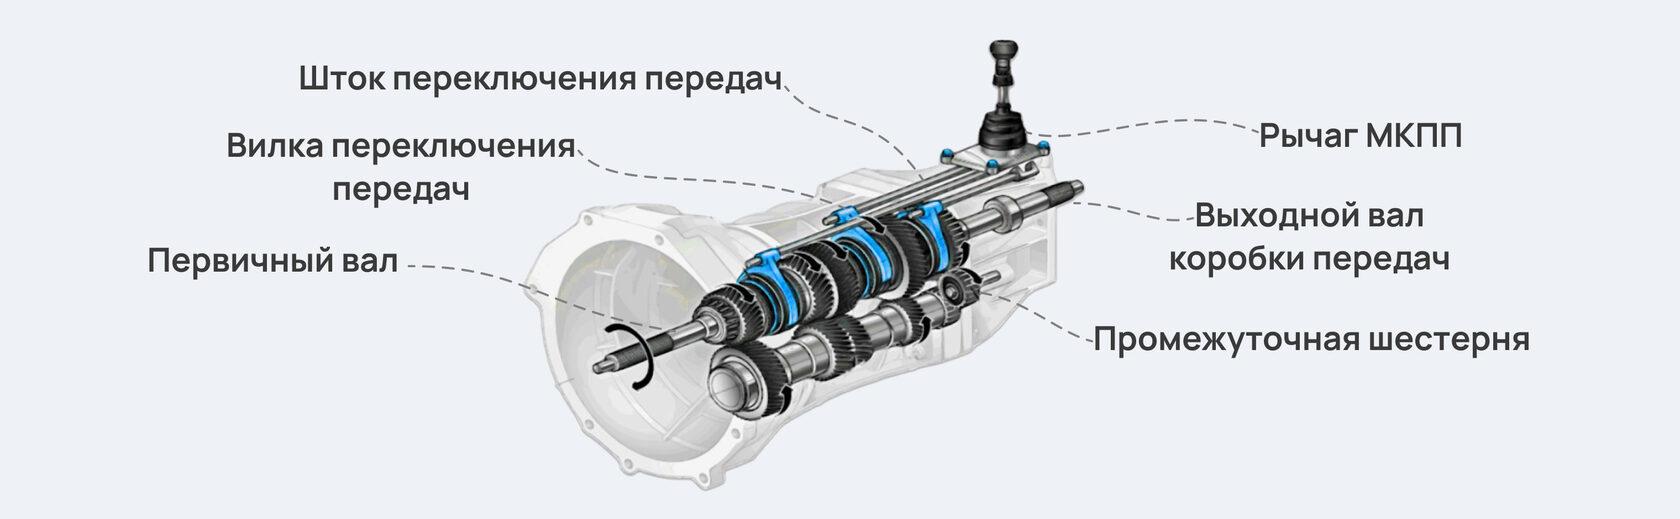 механическая коробка передач устройство